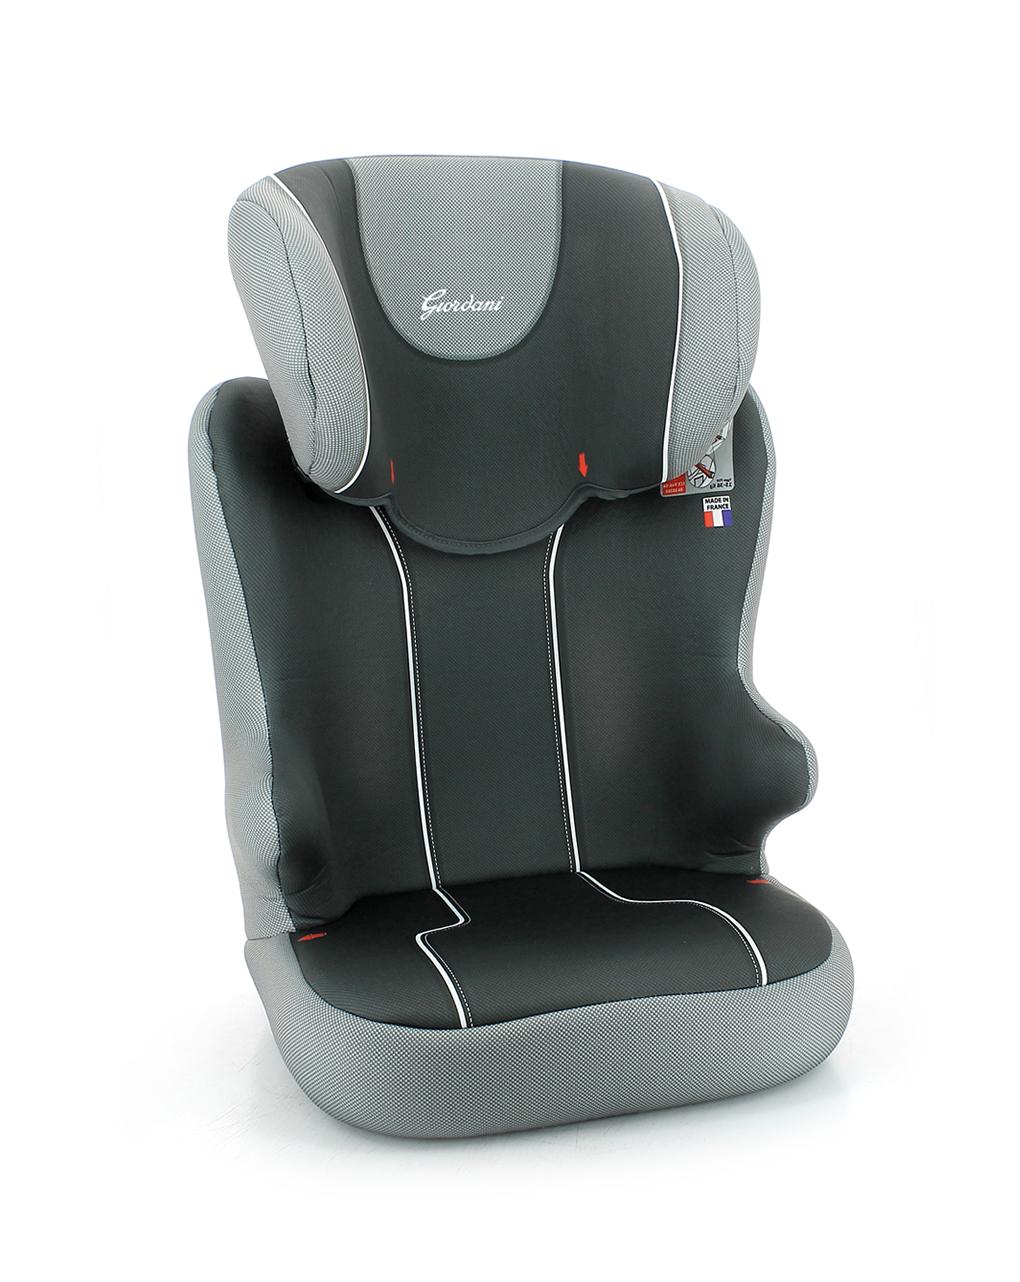 Giordani Κάθισμα Αυτοκινήτου 2-3 Basic Γκρι-Μαύρο Ομ.2-3